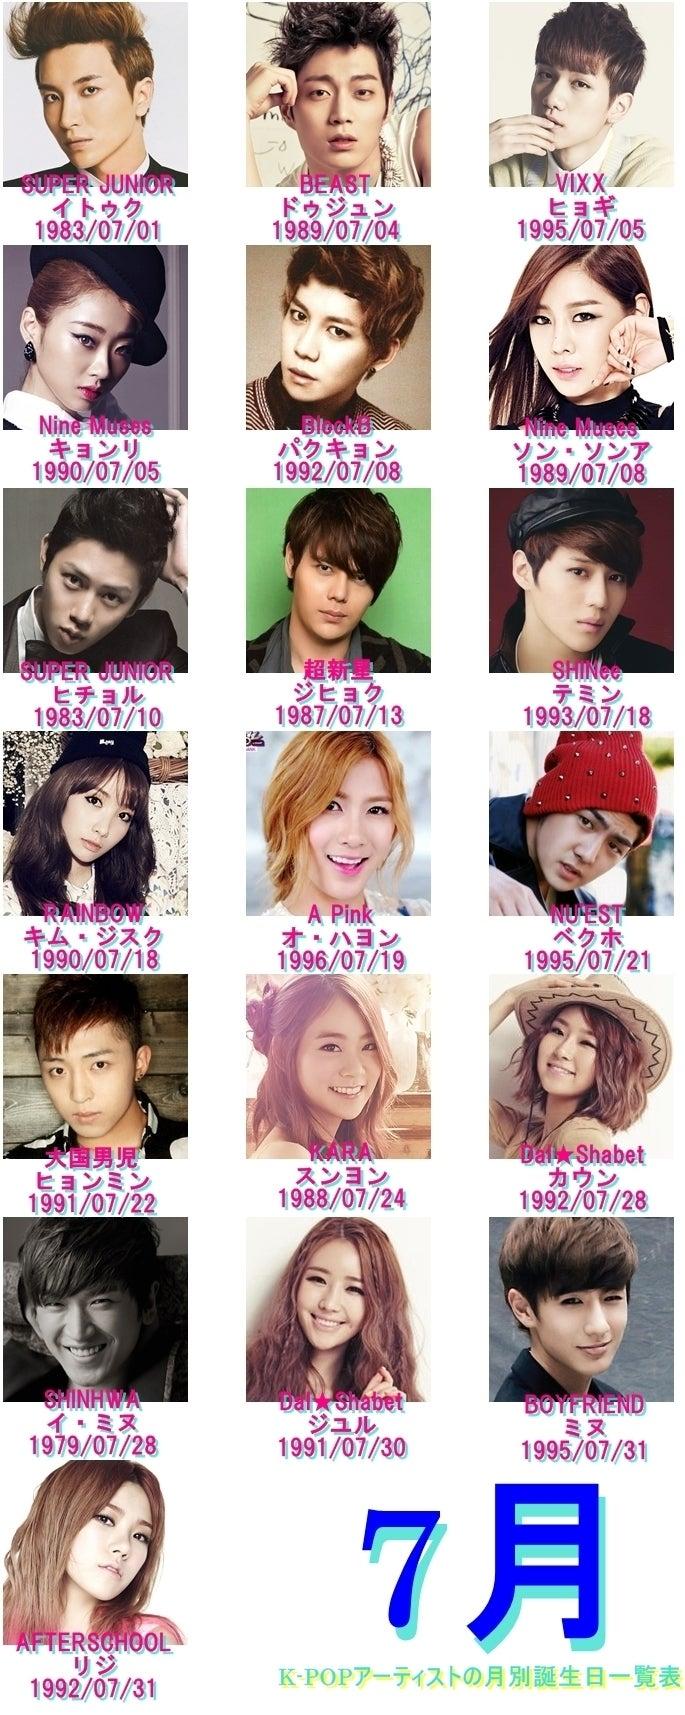 韓国人k-pop美女画像PART2 $exo728のブログ